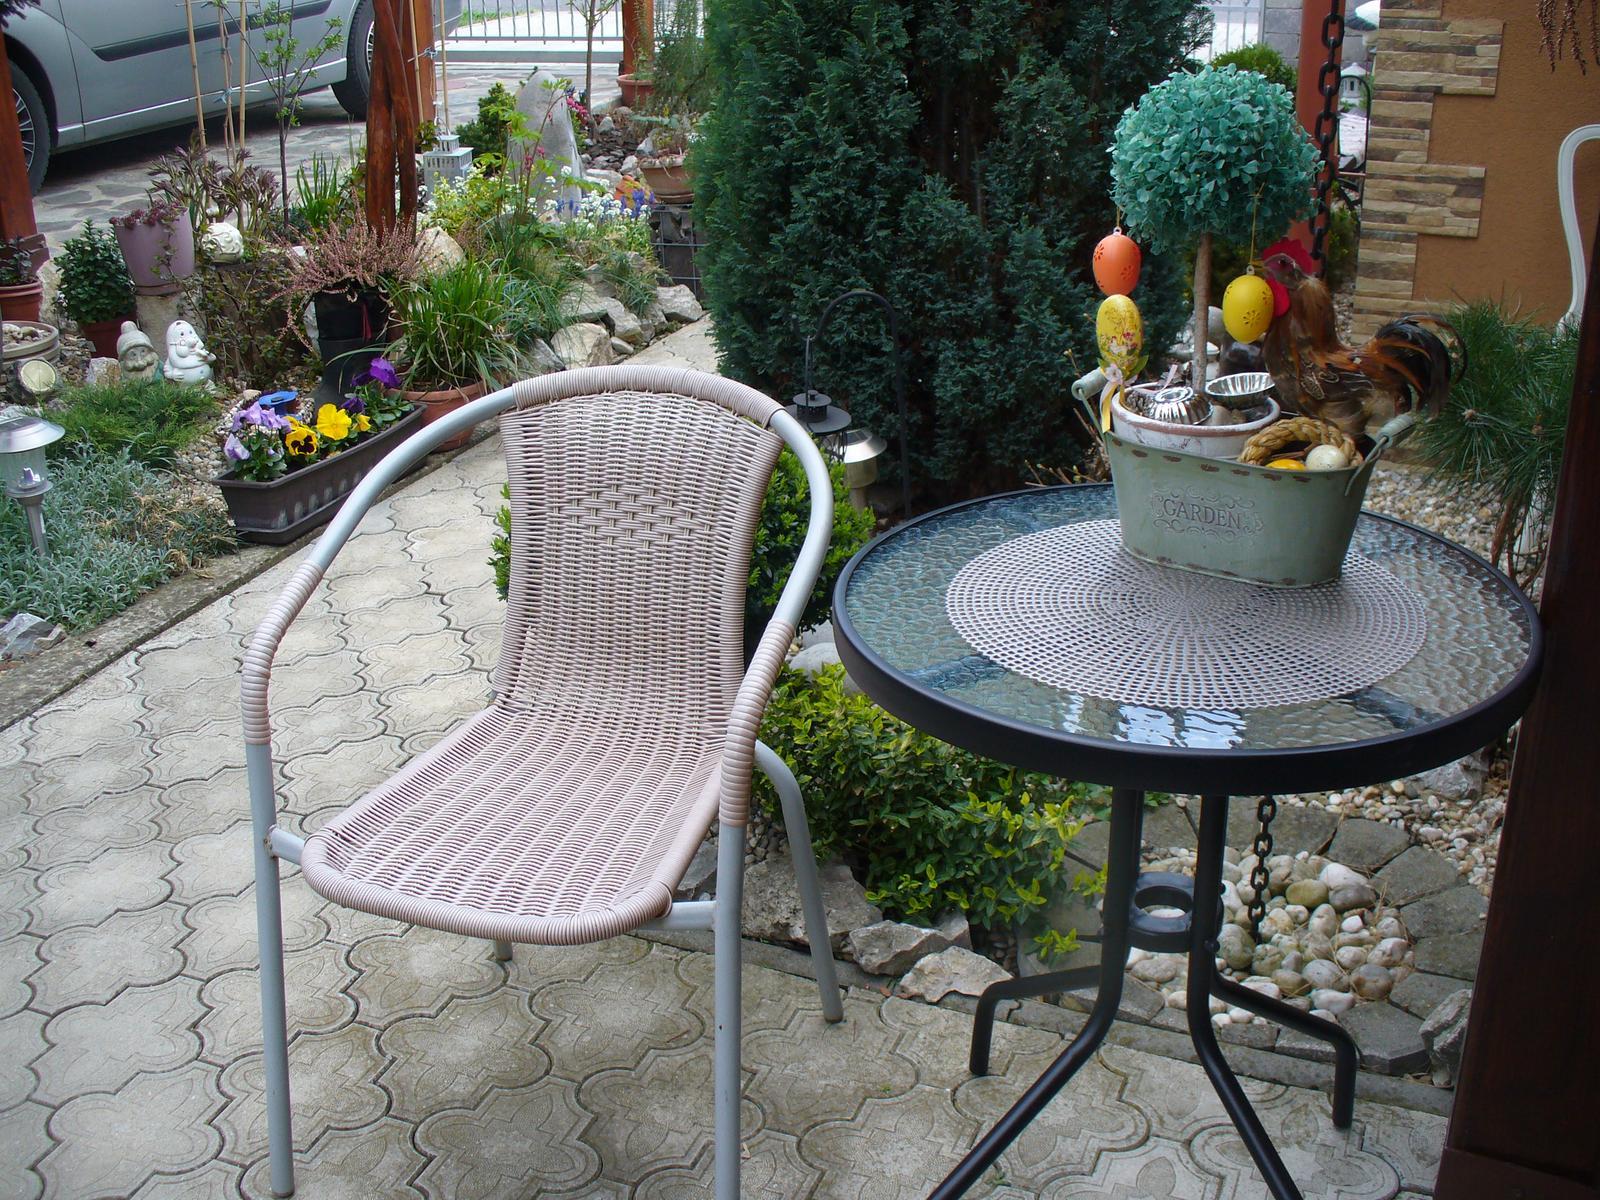 Prerábka, sadenie a úpravy v našej mini záhradke. - vymenili sme stolík